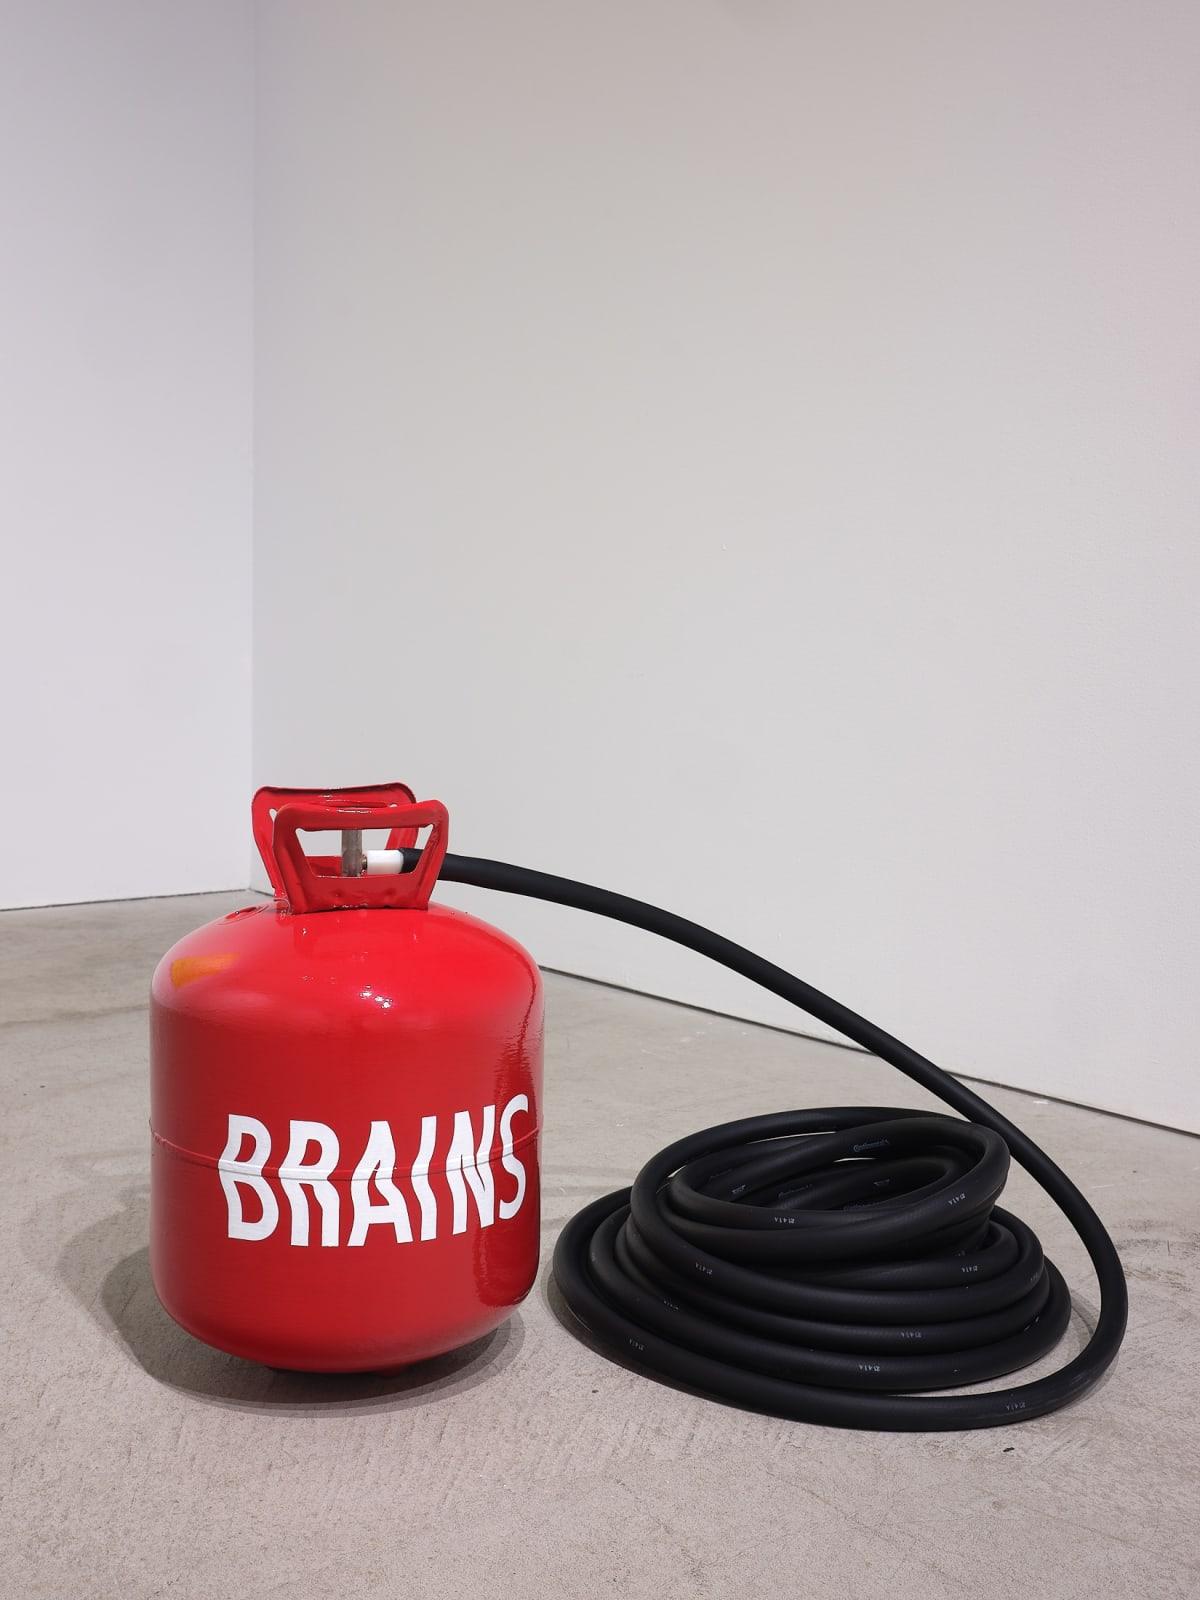 Lindsey White Tank O' Brains, 2021 aluminum, enamel paint, rubber dimensions variable unique